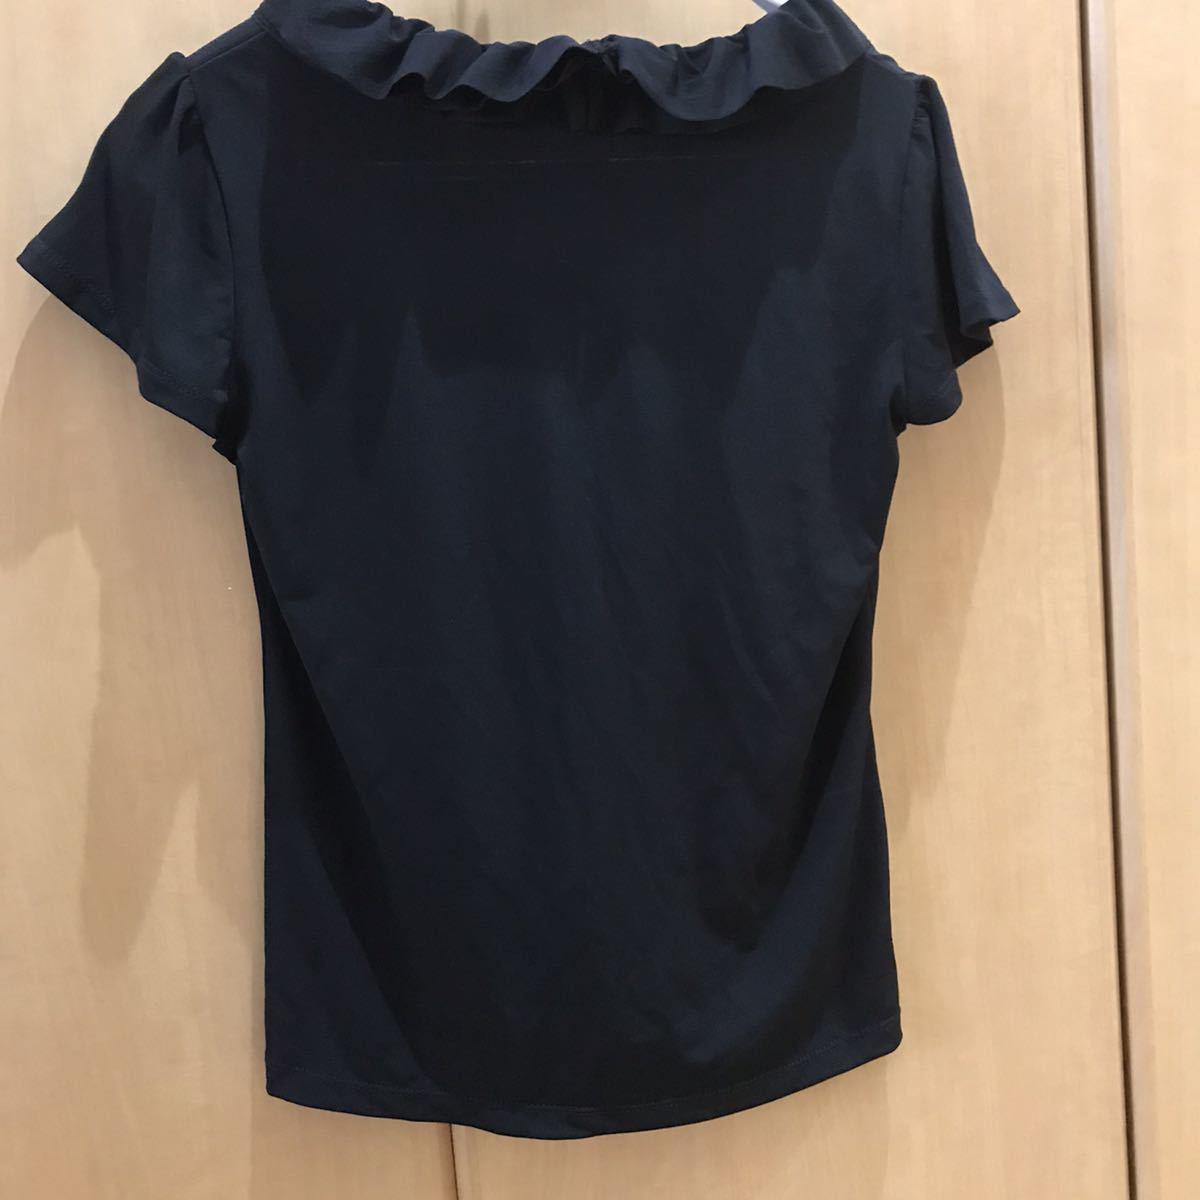 【新品タグ付】素敵なフリル 半袖ブラウス トップス Lサイズ 半袖 黒 ブラック 半袖カットソー